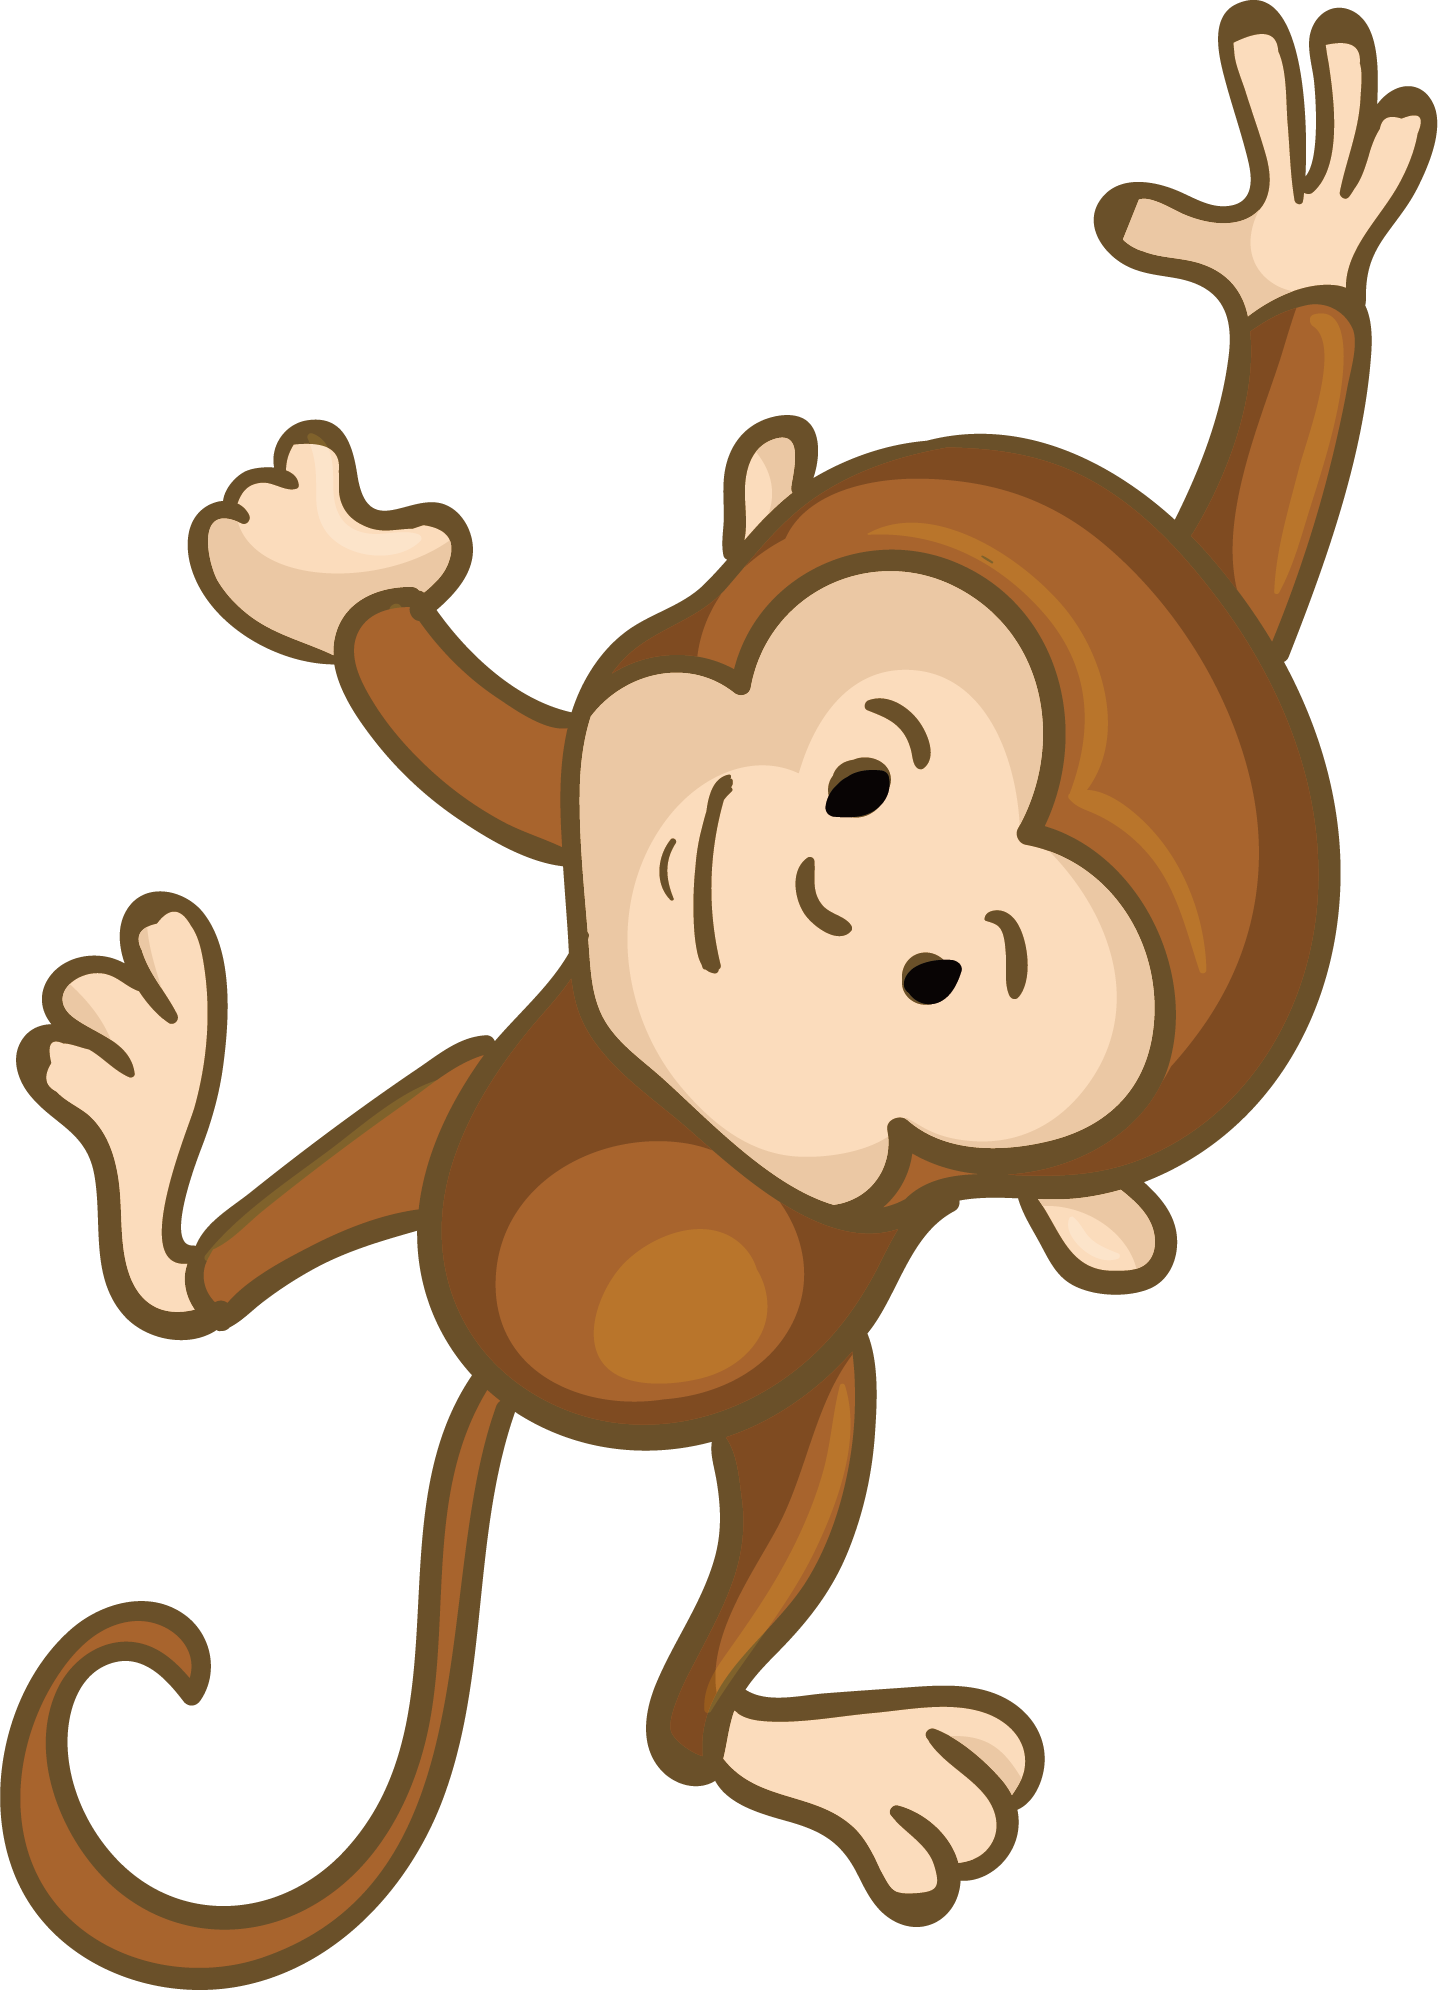 Поздравительную открытку, рисунок обезьянки для детей